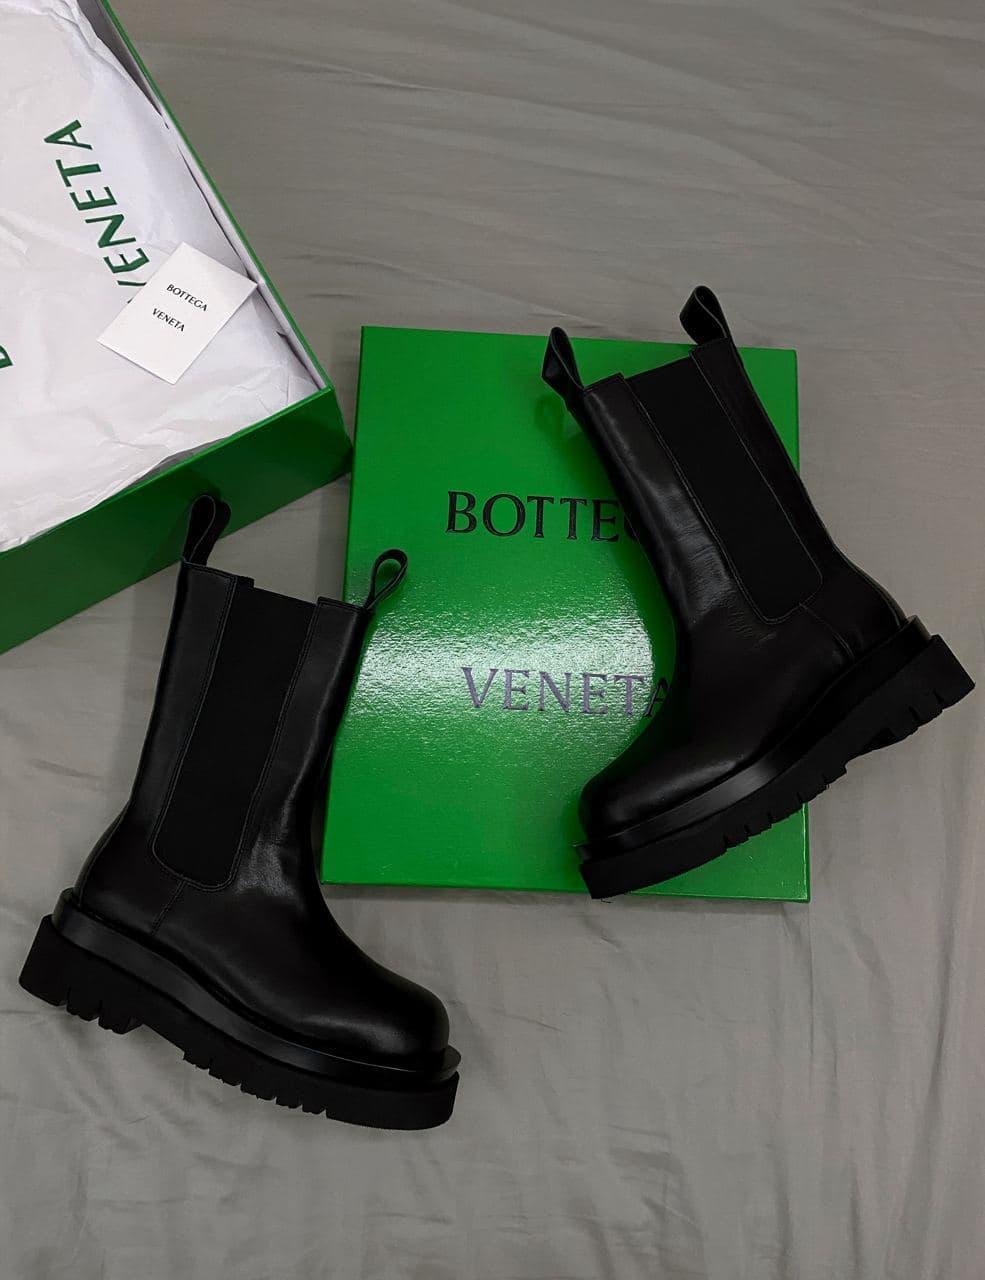 Жіночі черевики 𝐁𝐨𝐭𝐭𝐞𝐠𝐚 𝐕𝐞𝐧𝐞𝐭𝐚 𝐁𝐥𝐚𝐜𝐤